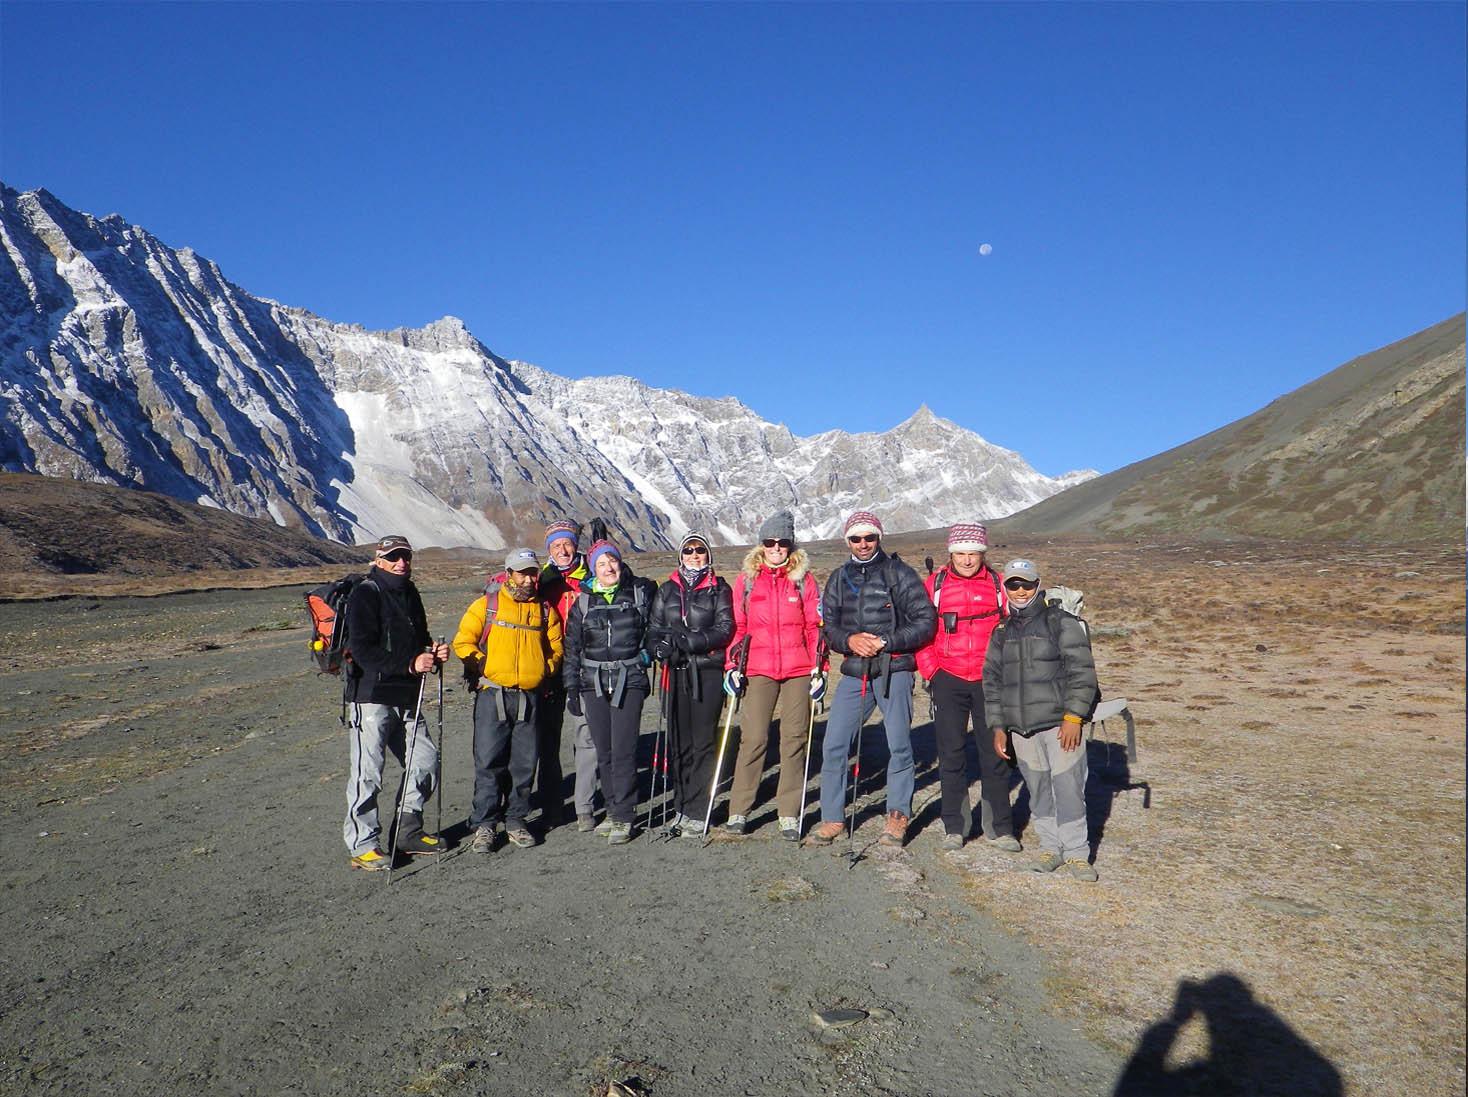 Toute l'équipe des trekkeurs - Photo Nelly Perrillat